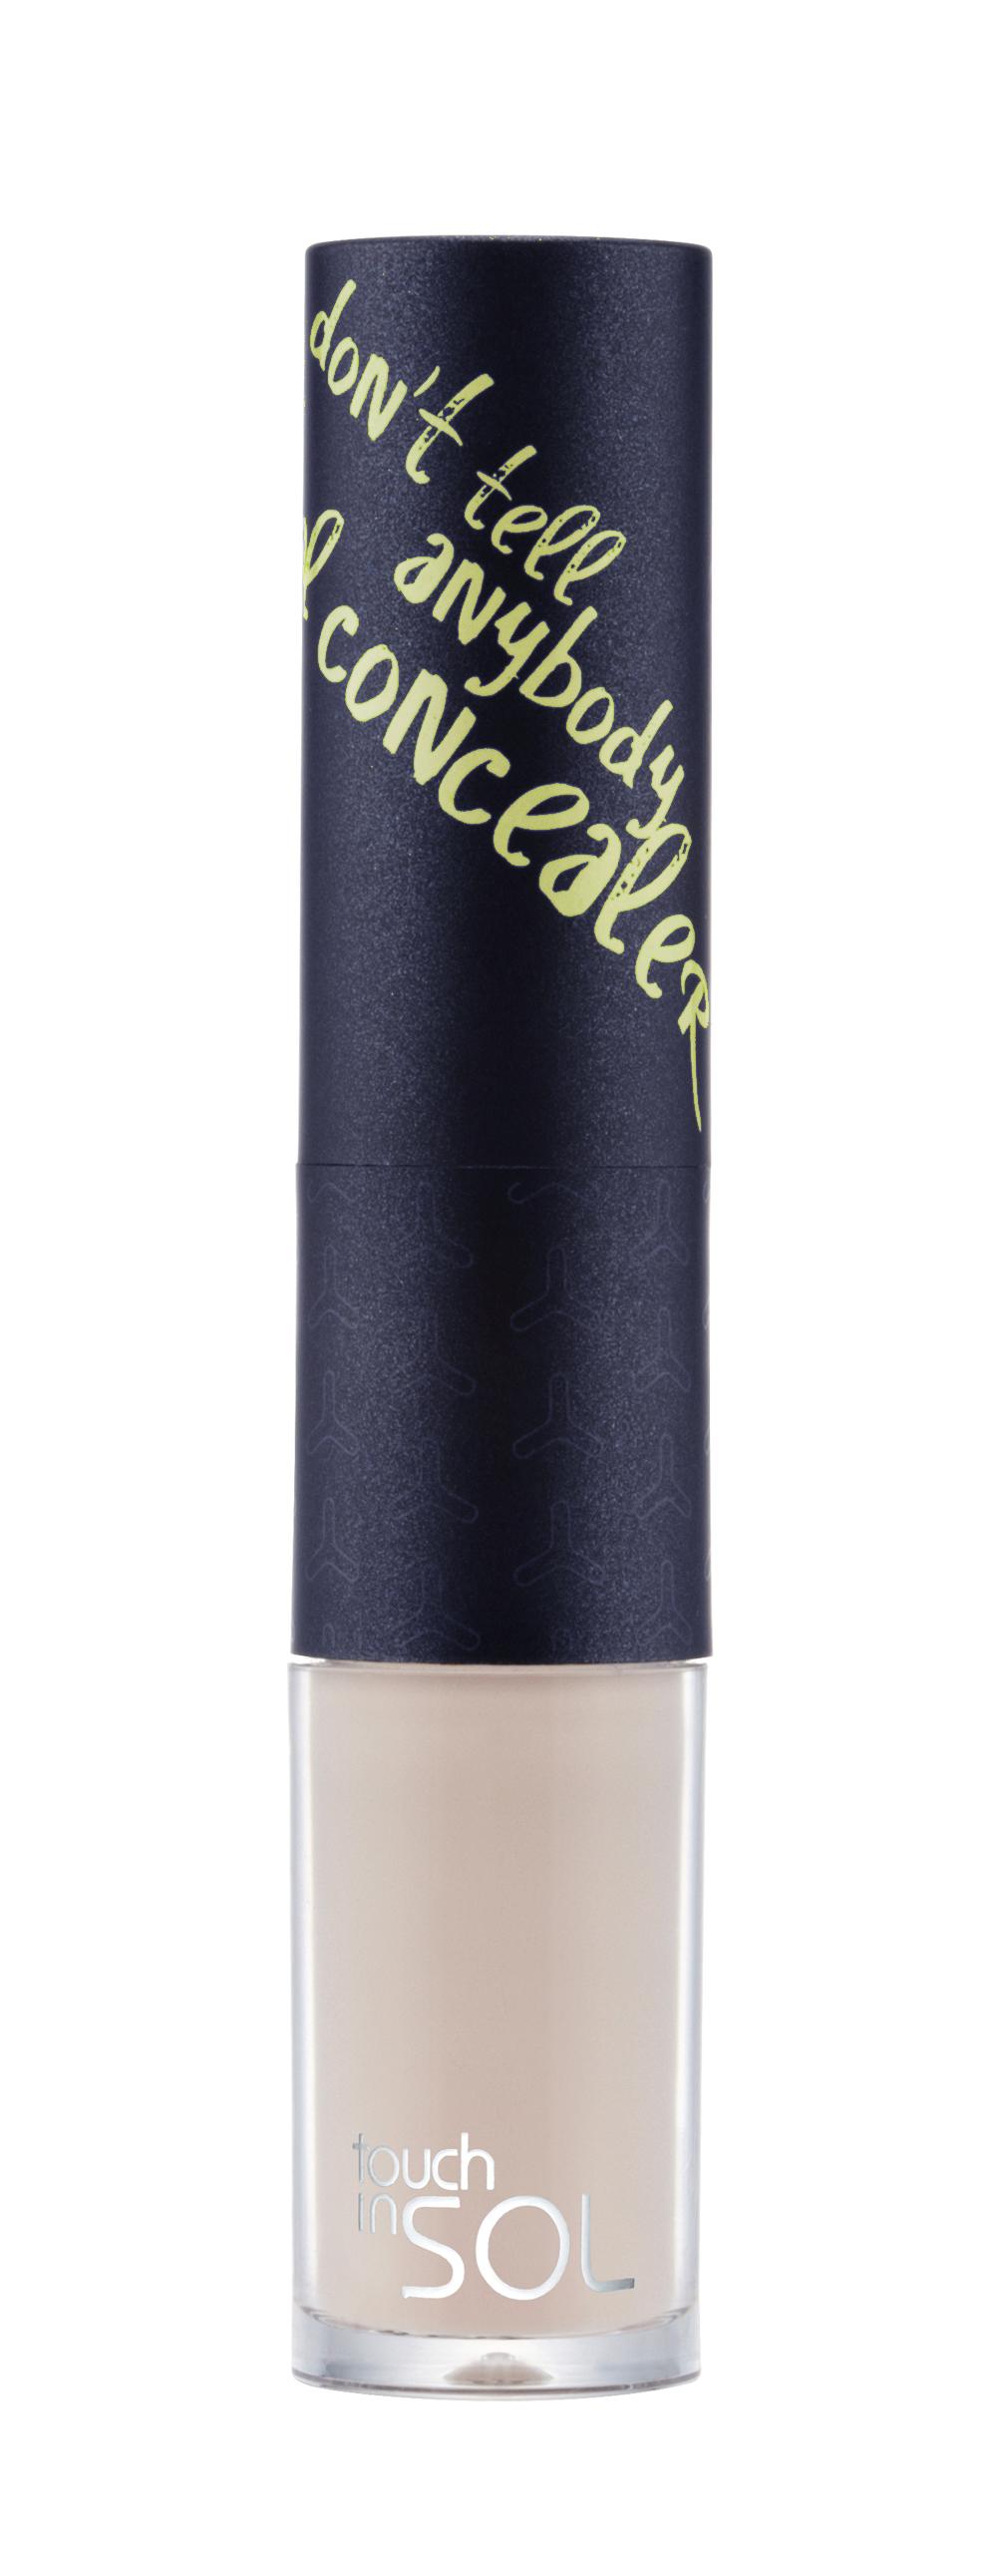 Touch in SOL Консилер Dont tell anybodyУТ000000790Удобный для использования Консилер в виде карандаша и аппликатора легко скрывает темные круги под глазами, мимические морщины, пигментные пятна и другие недостатки кожи, высветляет кожу вокруг глаз. Увлажняет и защищают кожу благодаря содержанию растительных экстрактов, масел и витаминов. Карандаш телесного оттенка мягко ложится на кожу и легко растушевывается, используется в виде дополнительного покрытия перед нанесением пудры или тонального средства, жидкая основа более густой текстуры розоватого оттенка подходит для точечной маскировки - пятен, морщин, красноты и высветления отдельных участков кожи. Товар сертифицирован.